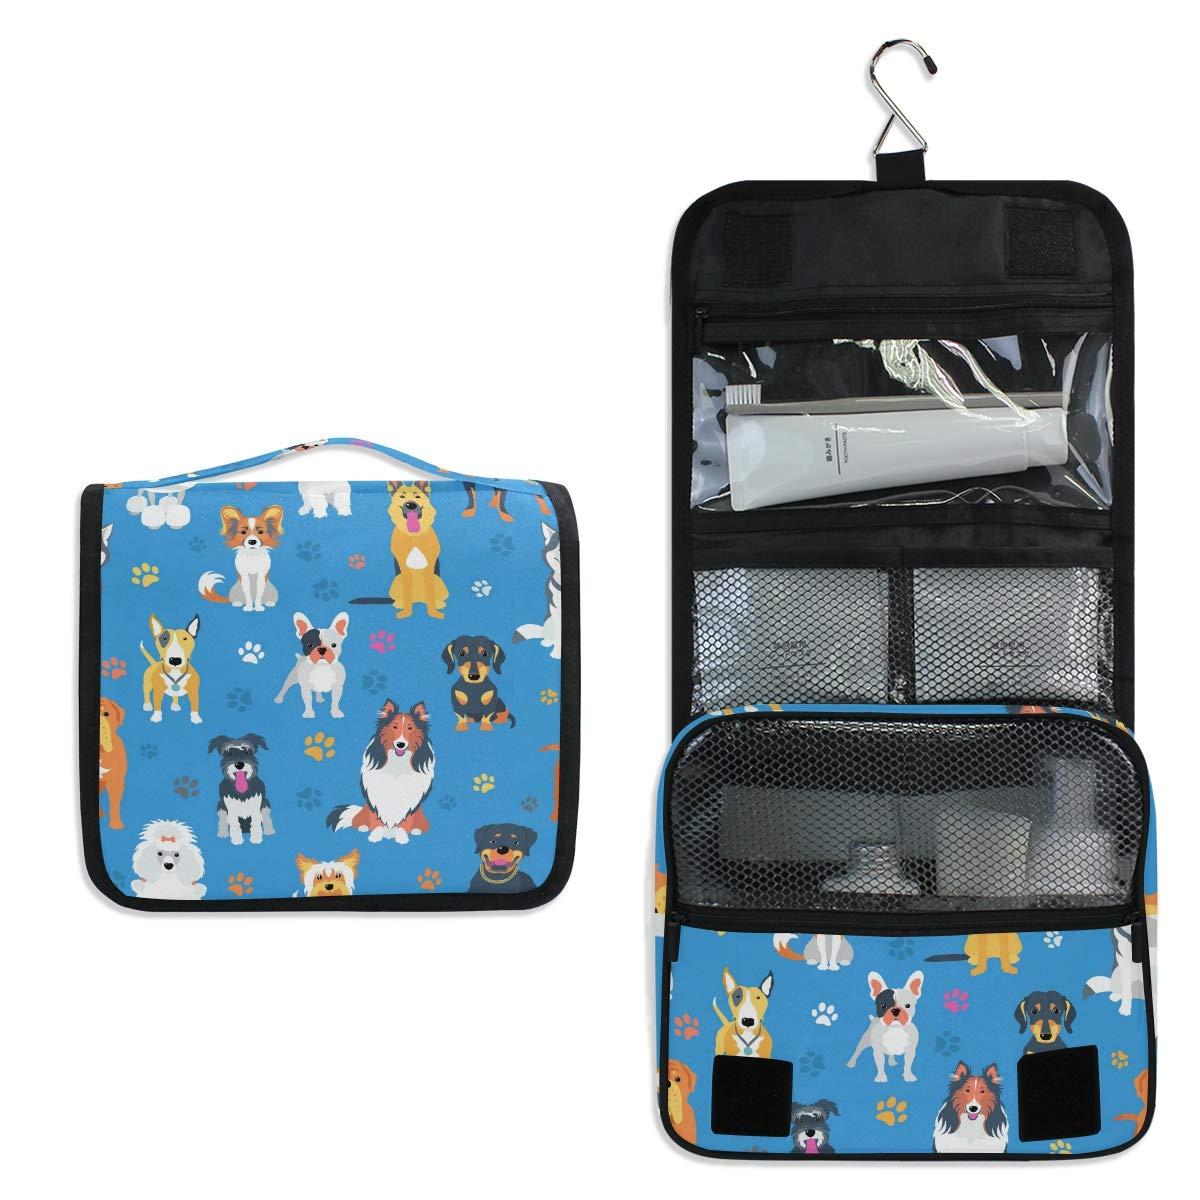 KUWT 거는 세면용품 부대 동물의 개 발 인쇄 화장용 여행 가방 휴대 메이크업을 주최자에 대한 화장품 세면도구 여행용 액세서리